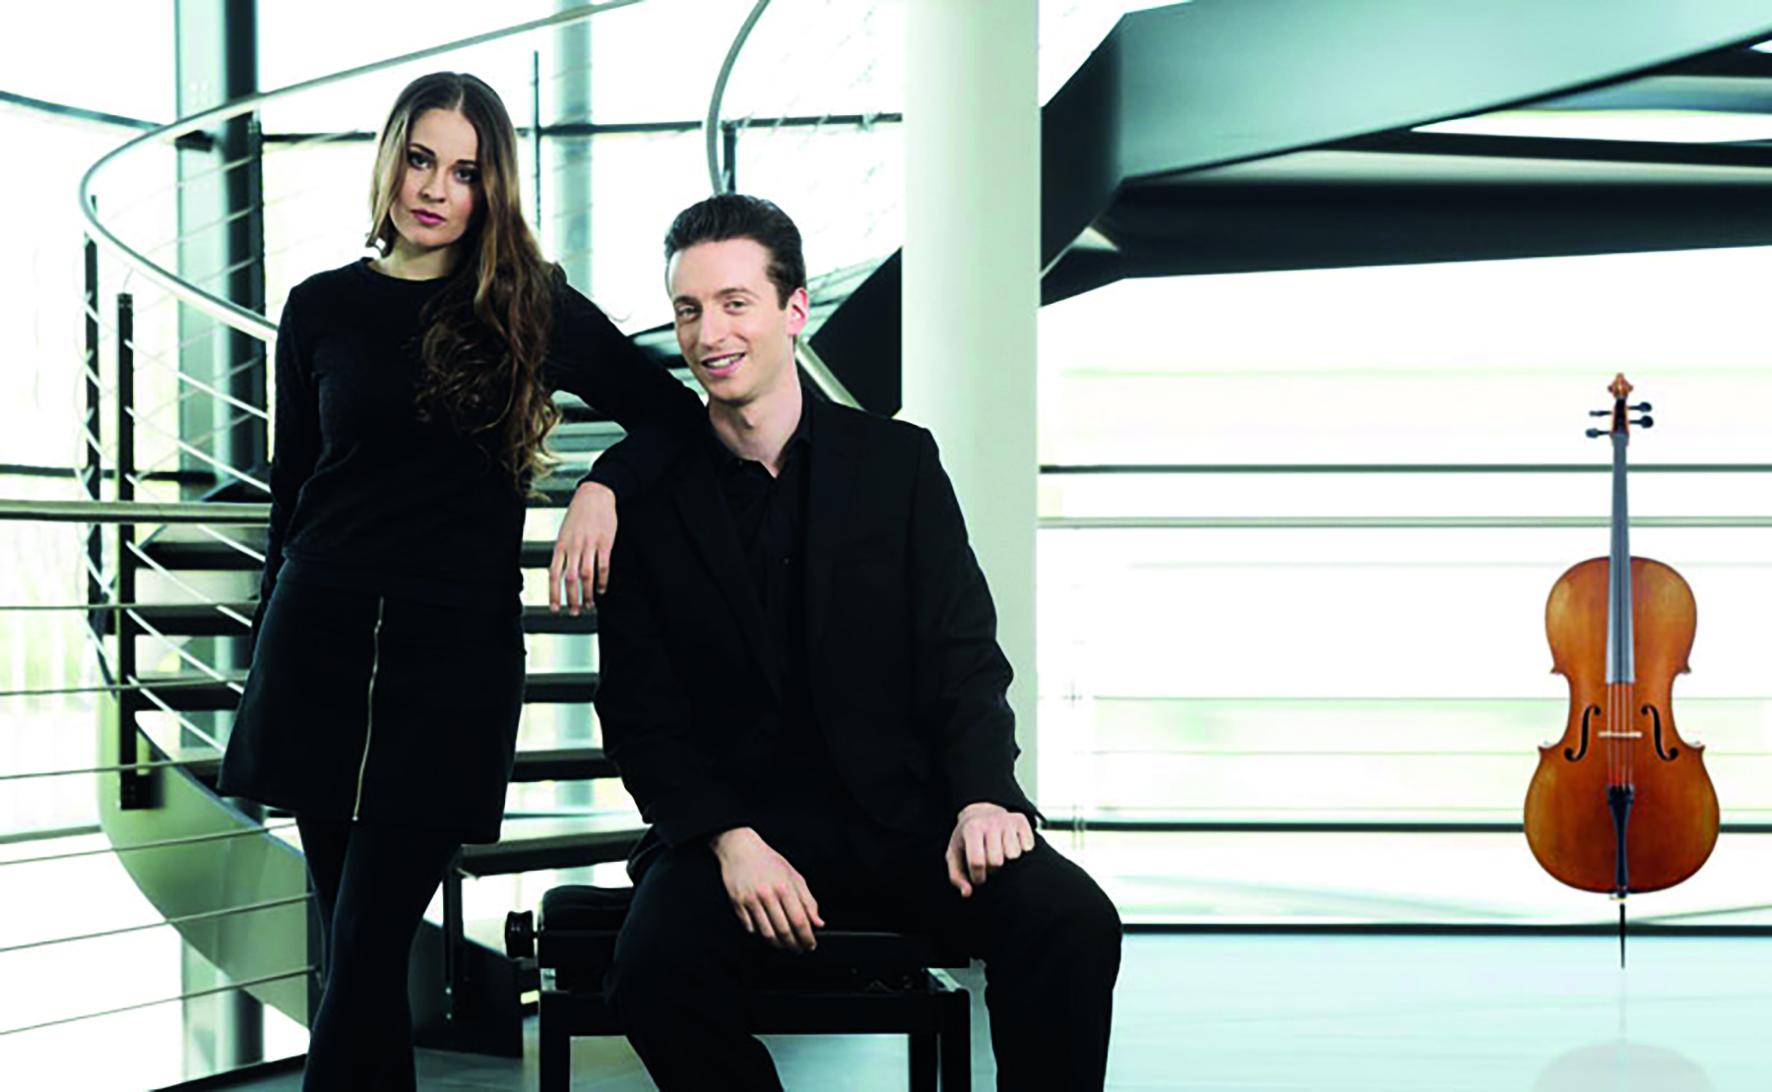 Robert Schumann Duo Laura-Moinian